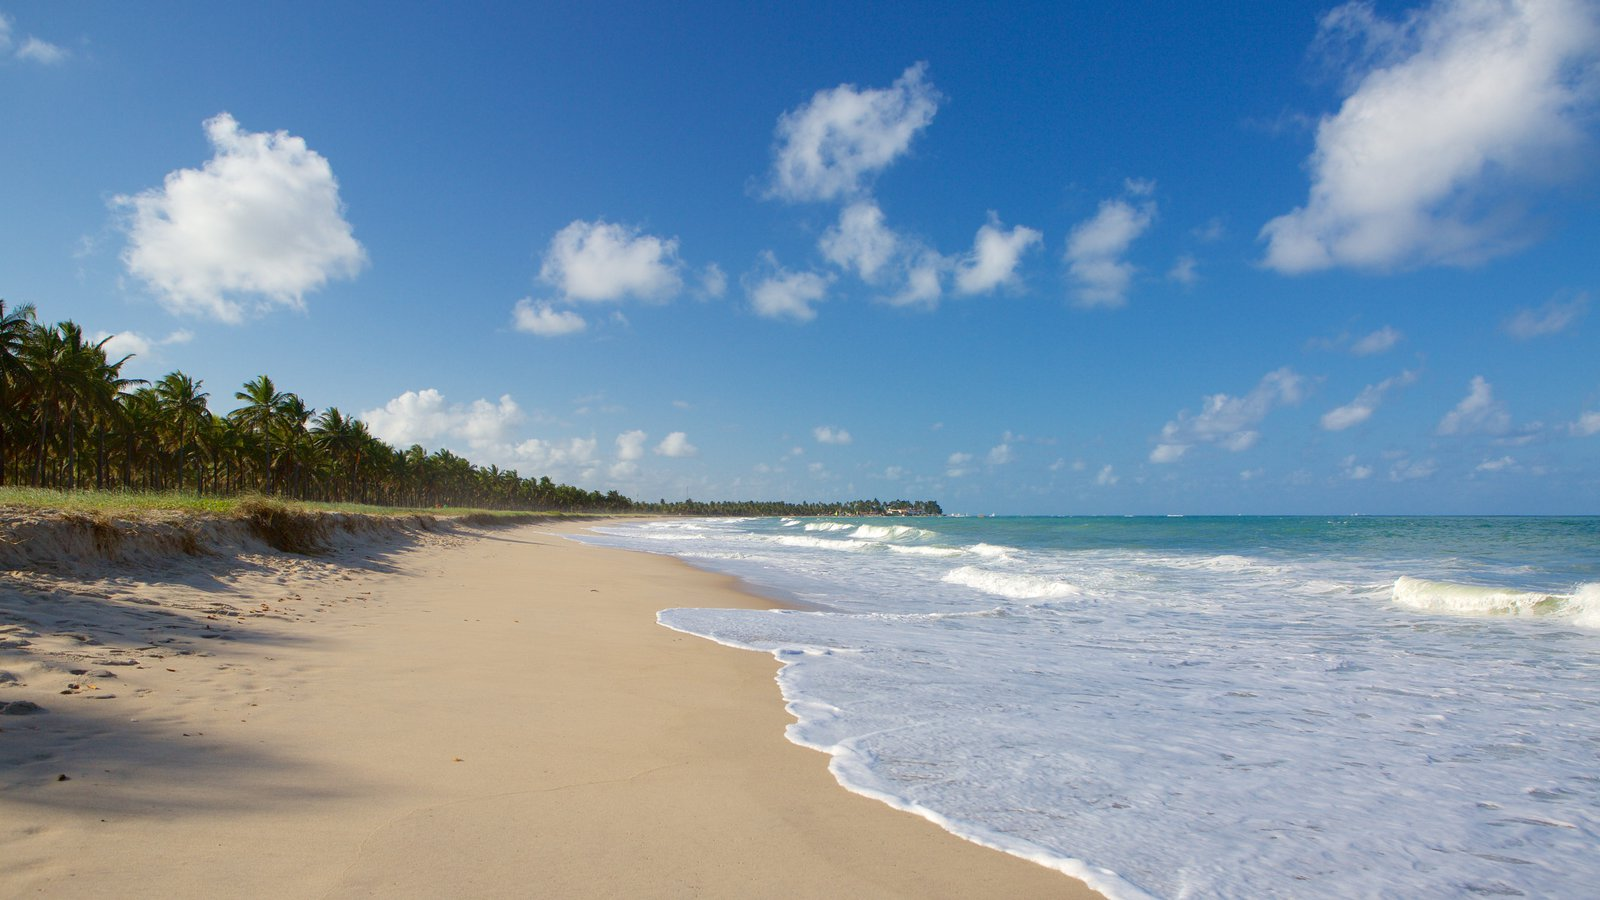 Praia de Maracaípe caracterizando uma praia de areia, paisagens litorâneas e cenas tropicais